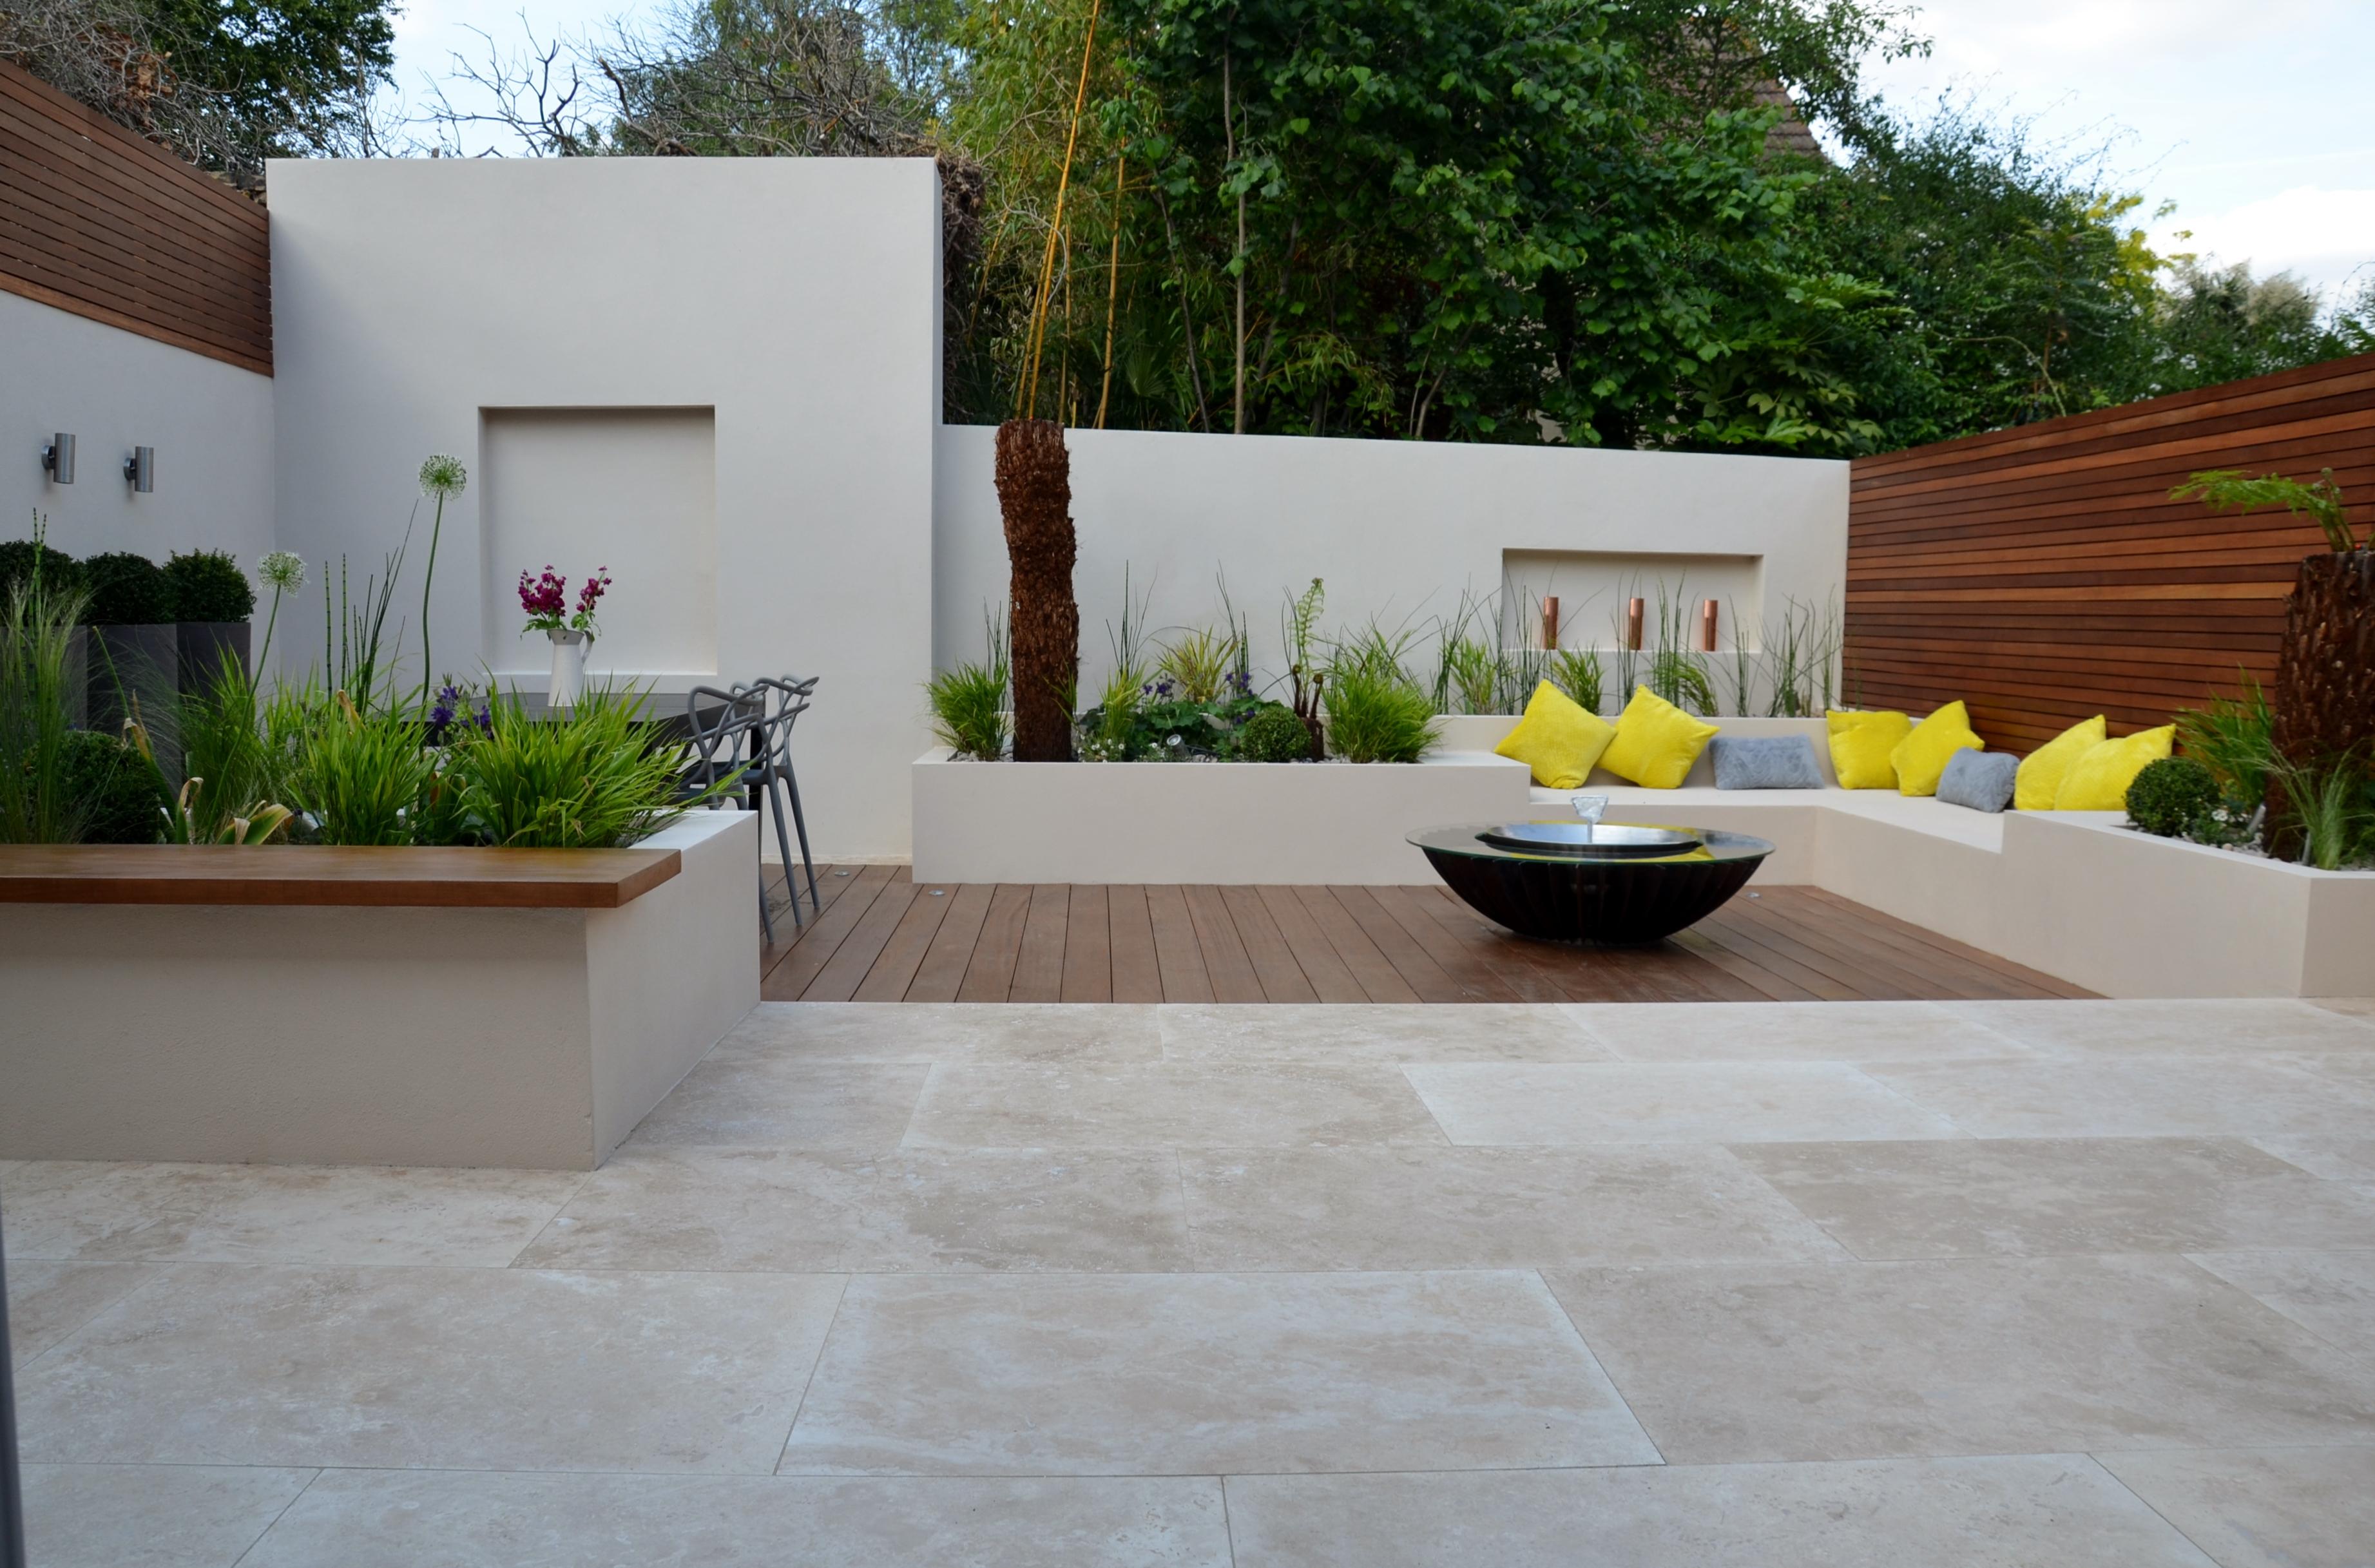 Modern Garden Design Outdoor Room With Kitchen Seating ... on Modern Yard Design id=25298